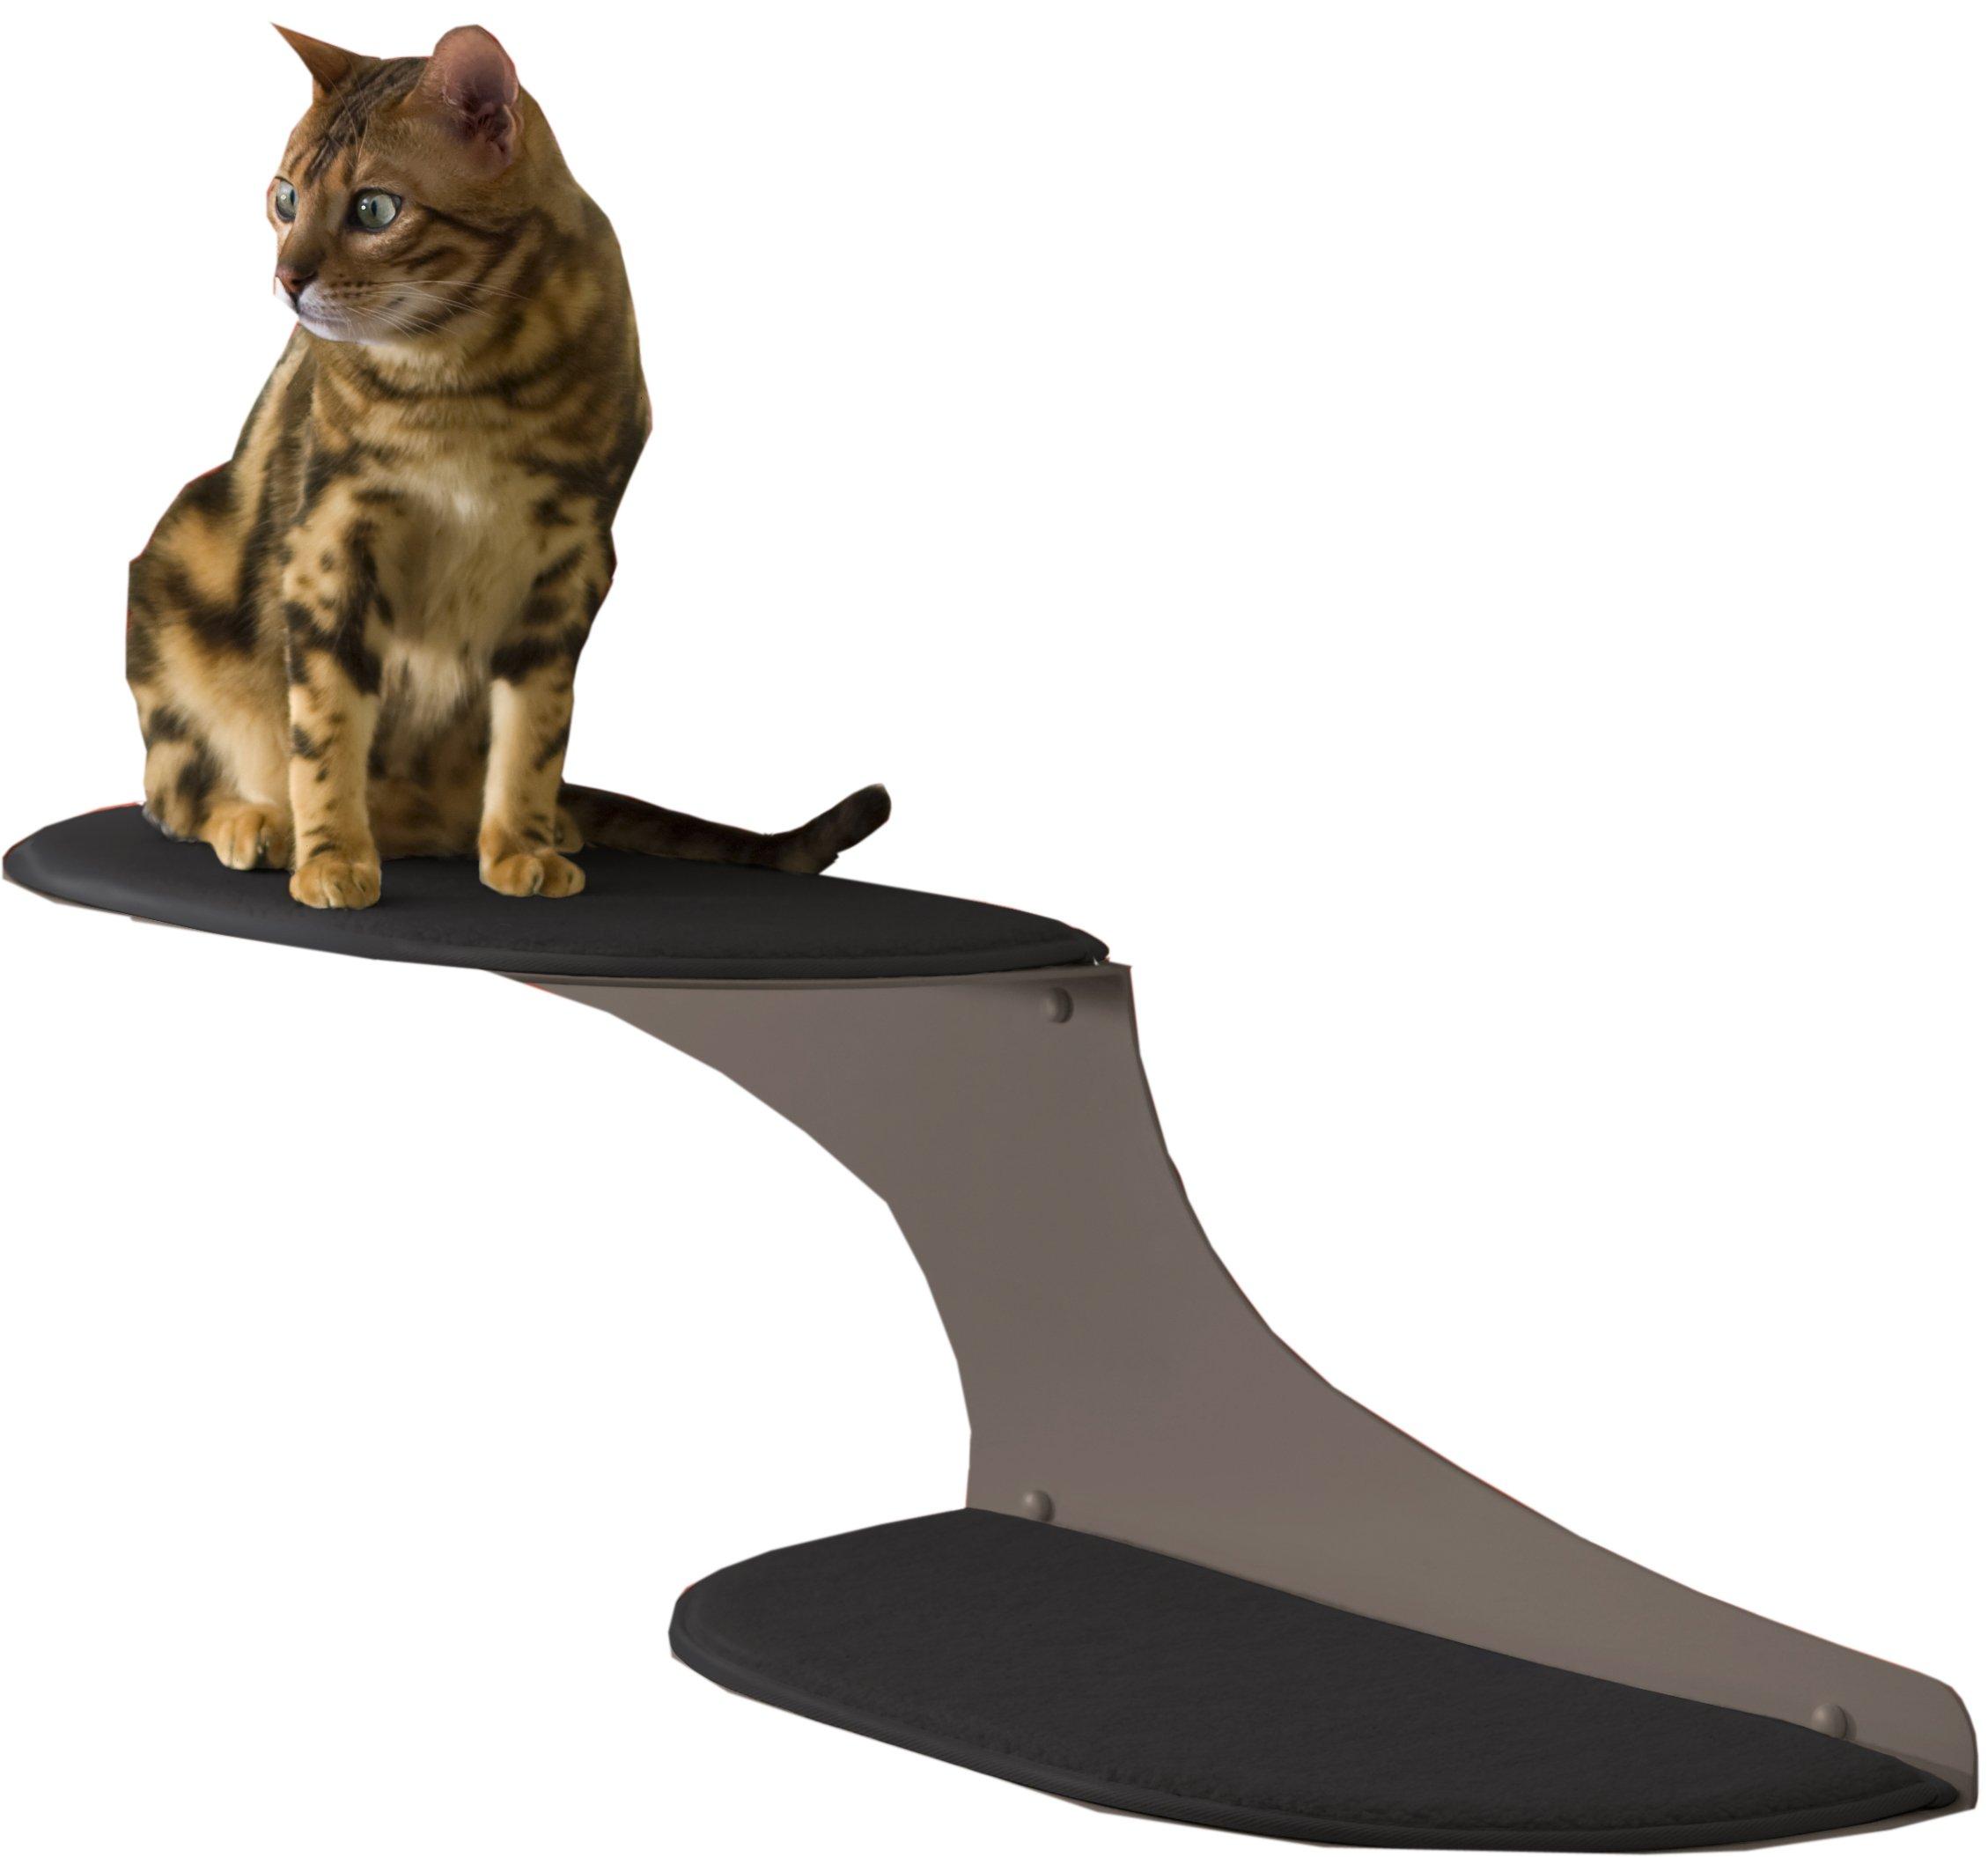 The Refined Feline Cat Cloud Cat Shelves in Titanium, Left Facing